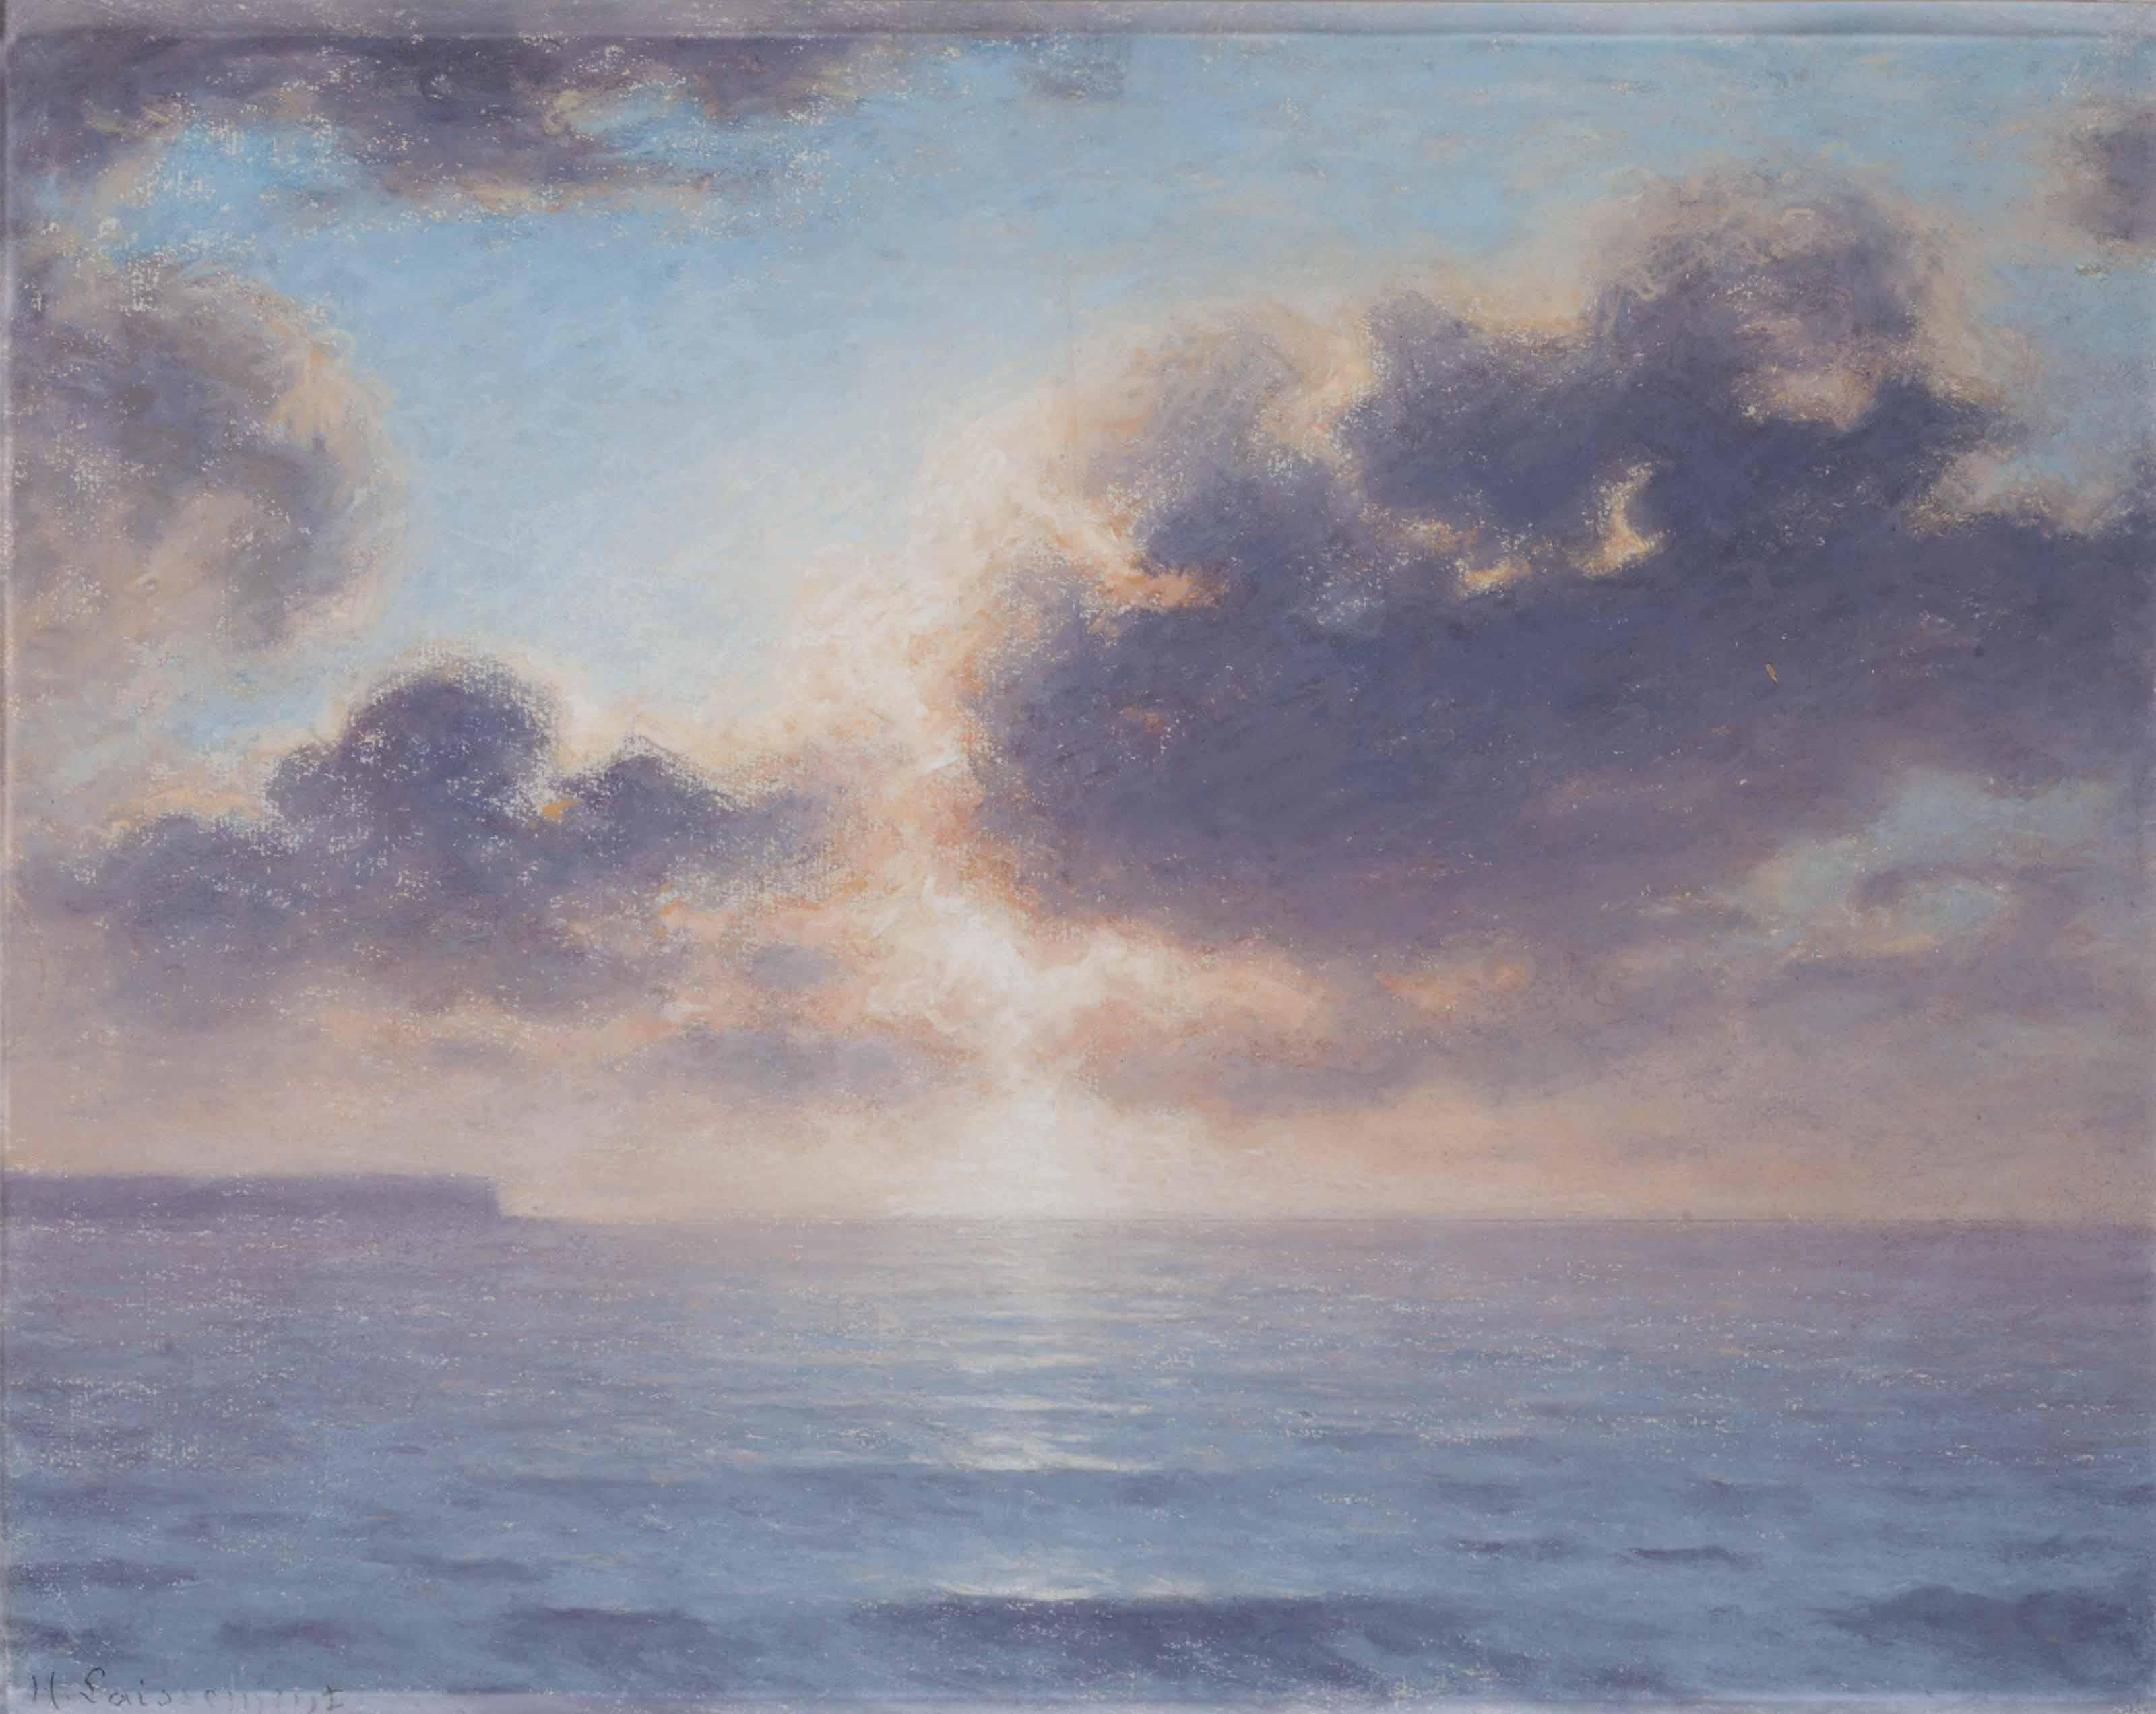 Study of Sea and Sky